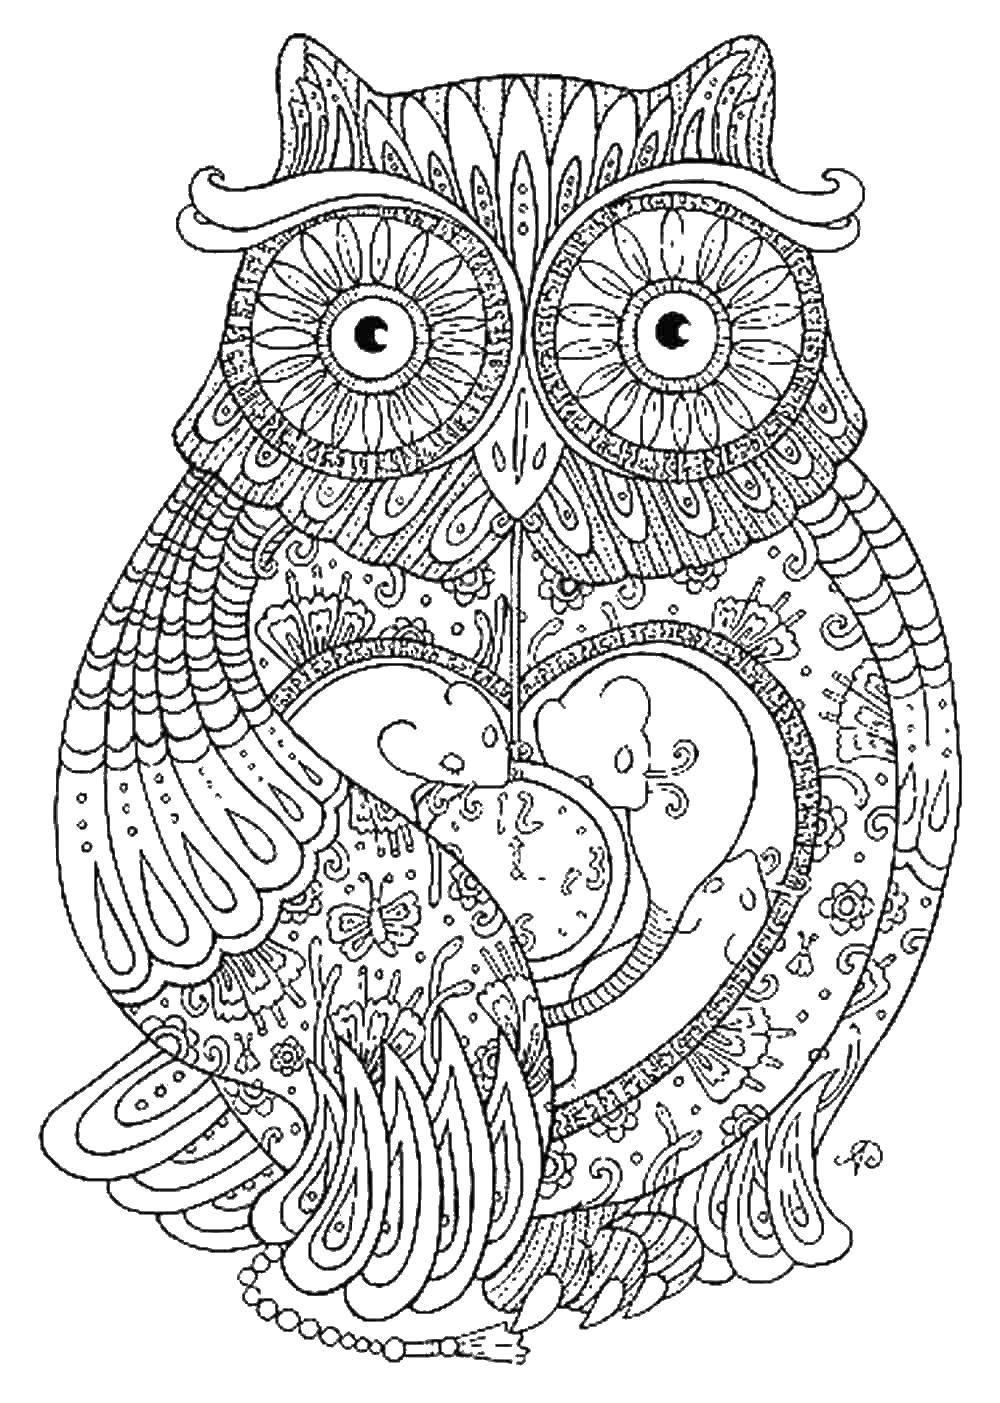 Раскраска Узорчики на сове. Скачать узоры, сова, птица.  Распечатать ,узоры,